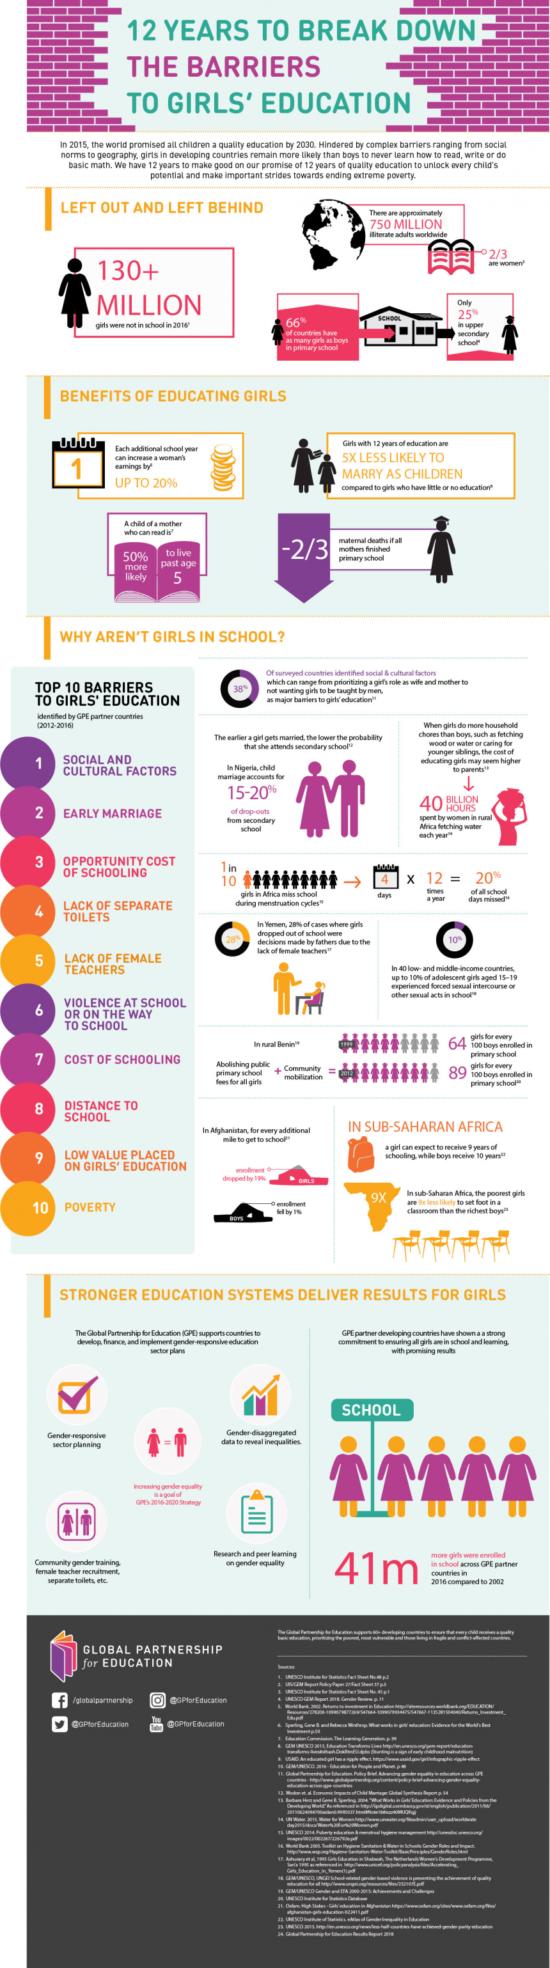 Vzdělání žen ve světě stále není samozřejmostí.